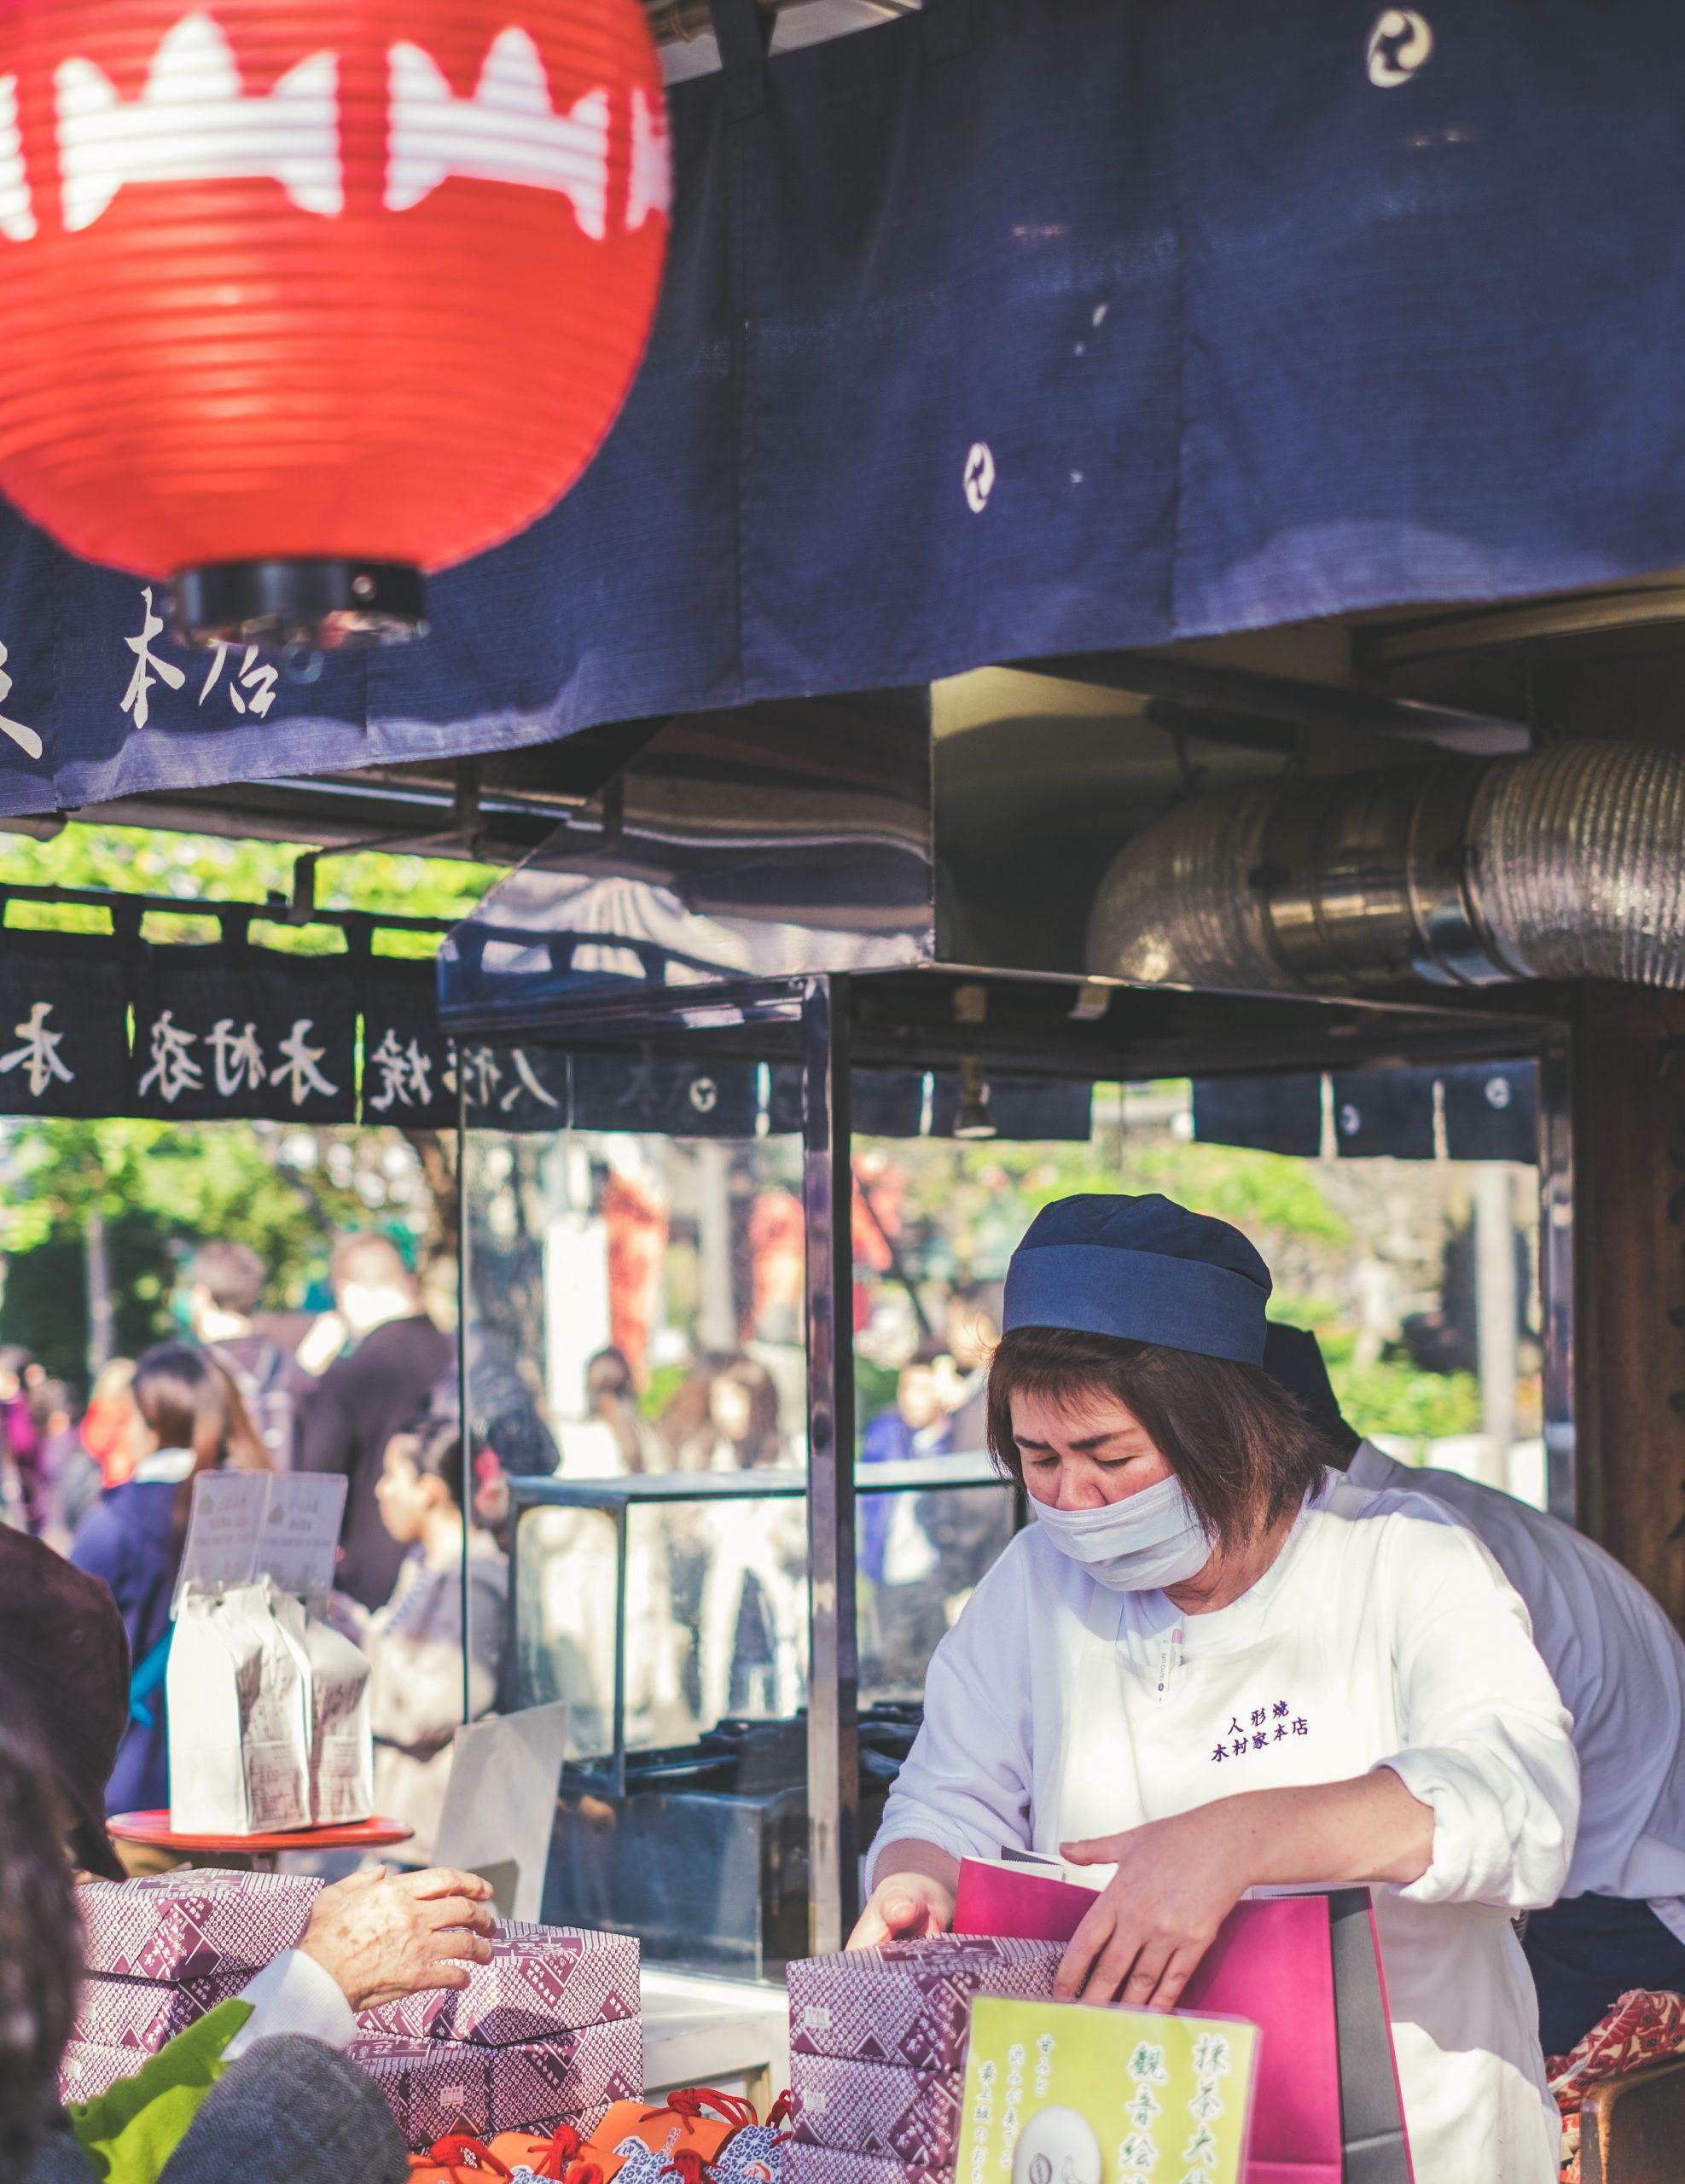 サムライボールとは?今海外で日本のたこ焼きが熱い!